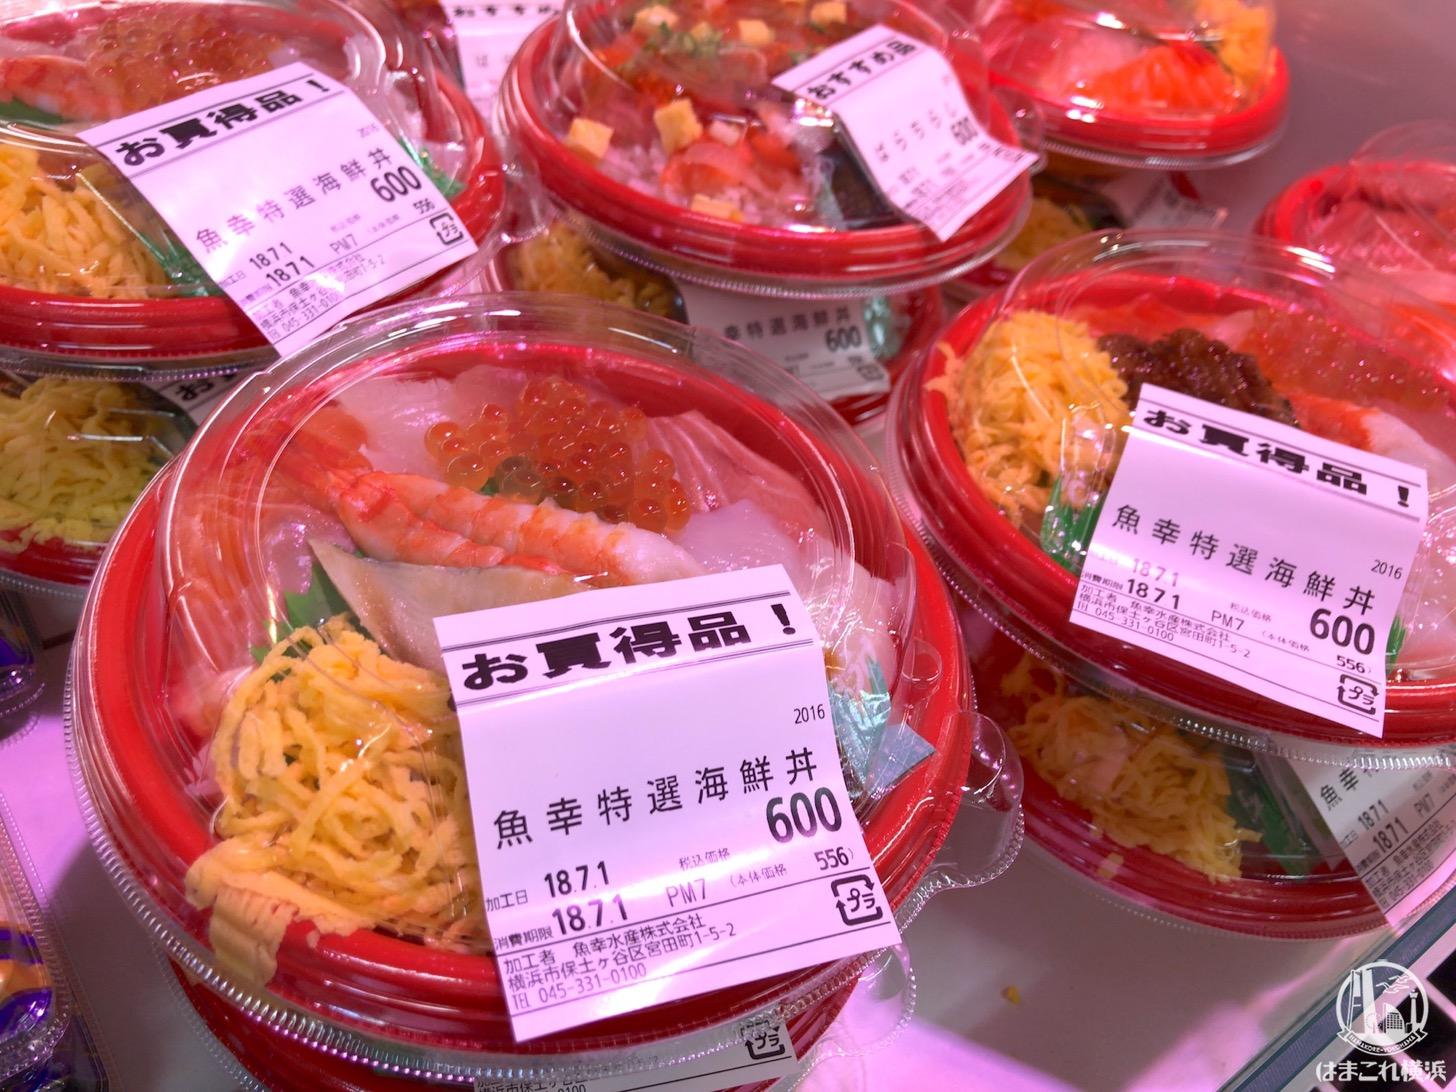 魚幸水産 魚幸特選海鮮丼